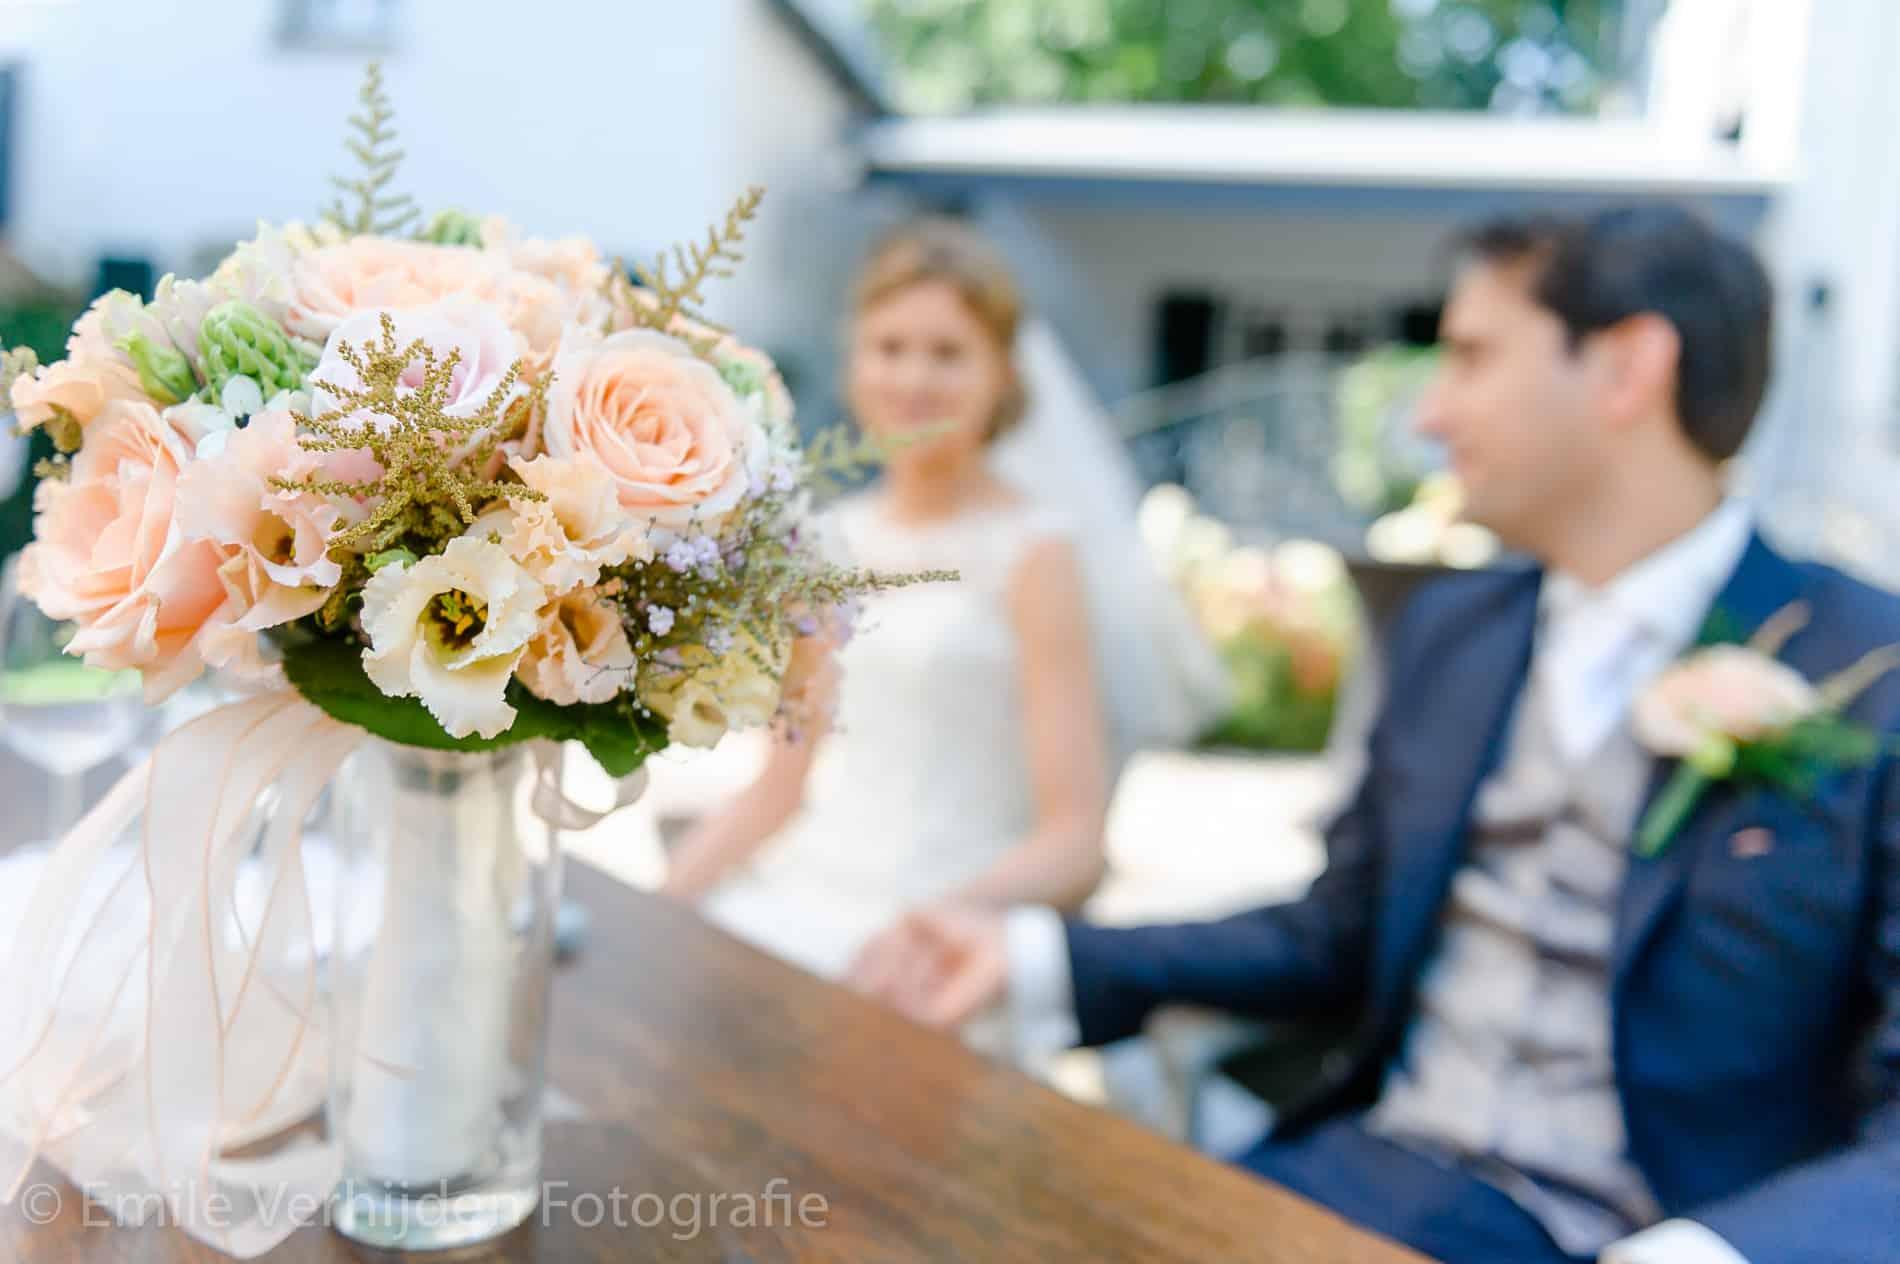 Bruidsboeket tijdens de ceremonie. Trouwfotograaf Limburg Emile Verhijden